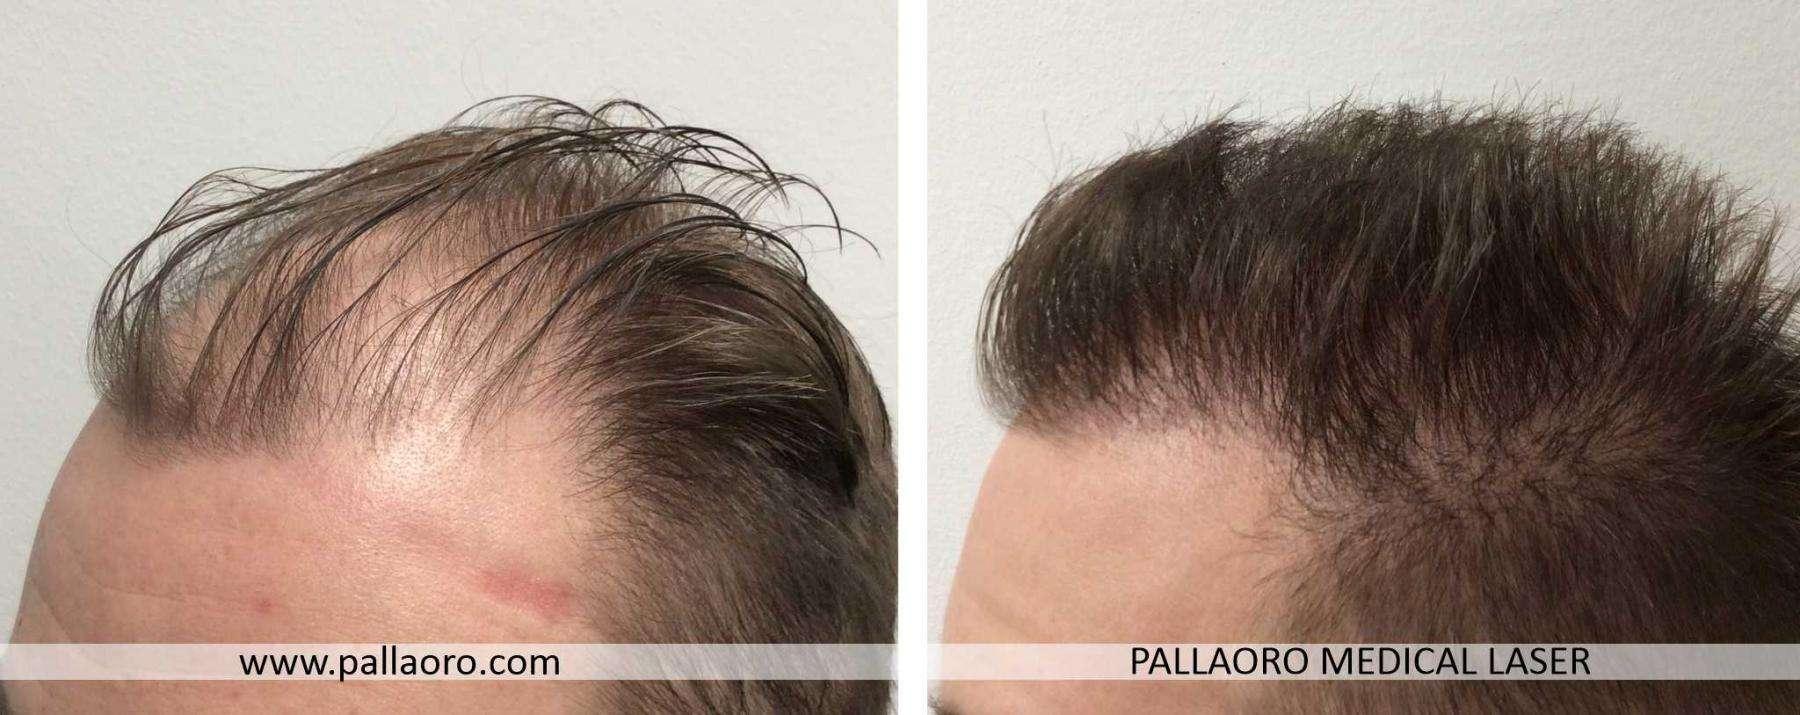 trapianto capelli 2021 06 b